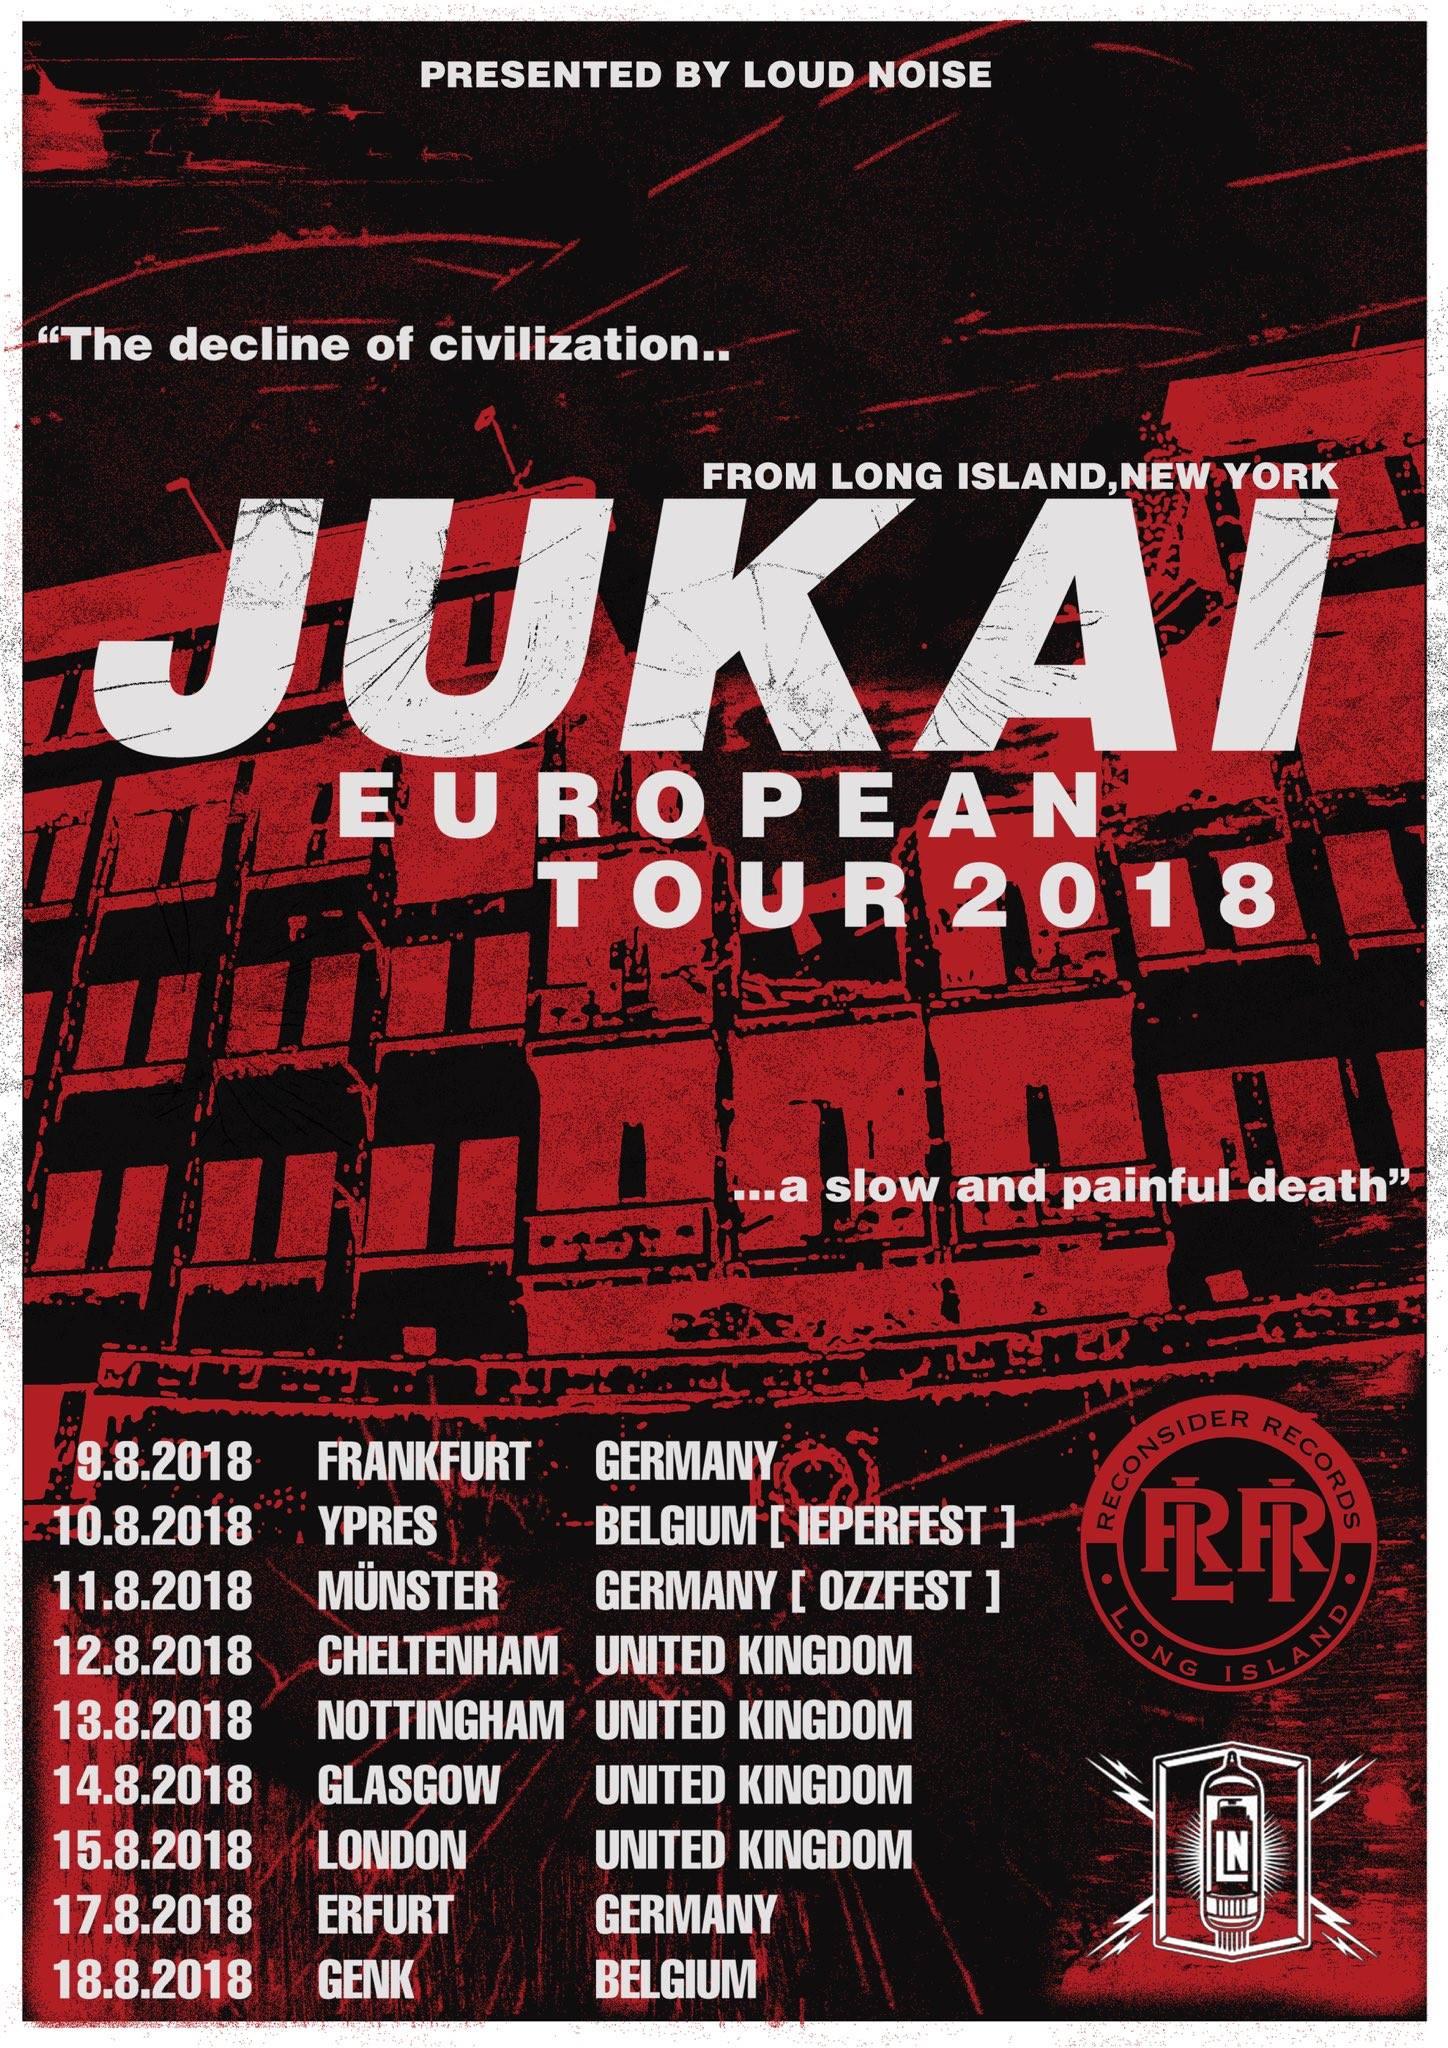 Jukai - Europa-Tour 2018